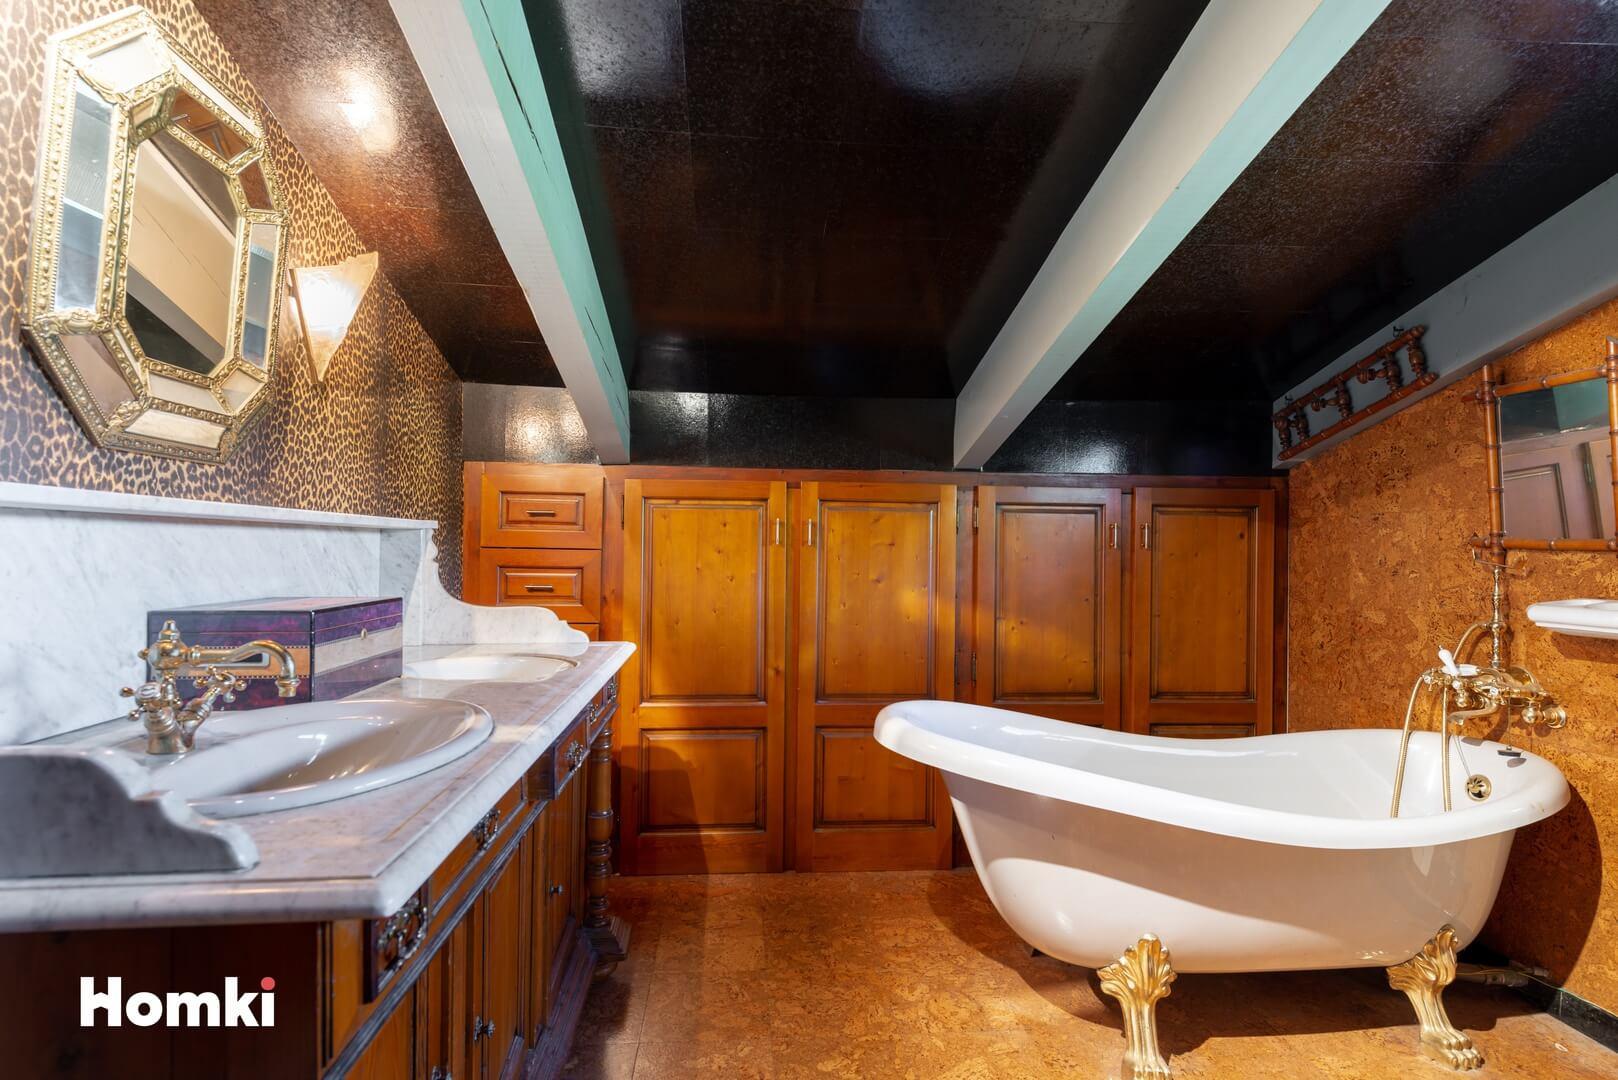 Homki - Vente Maison/villa  de 210.0 m² à Perpignan 66000